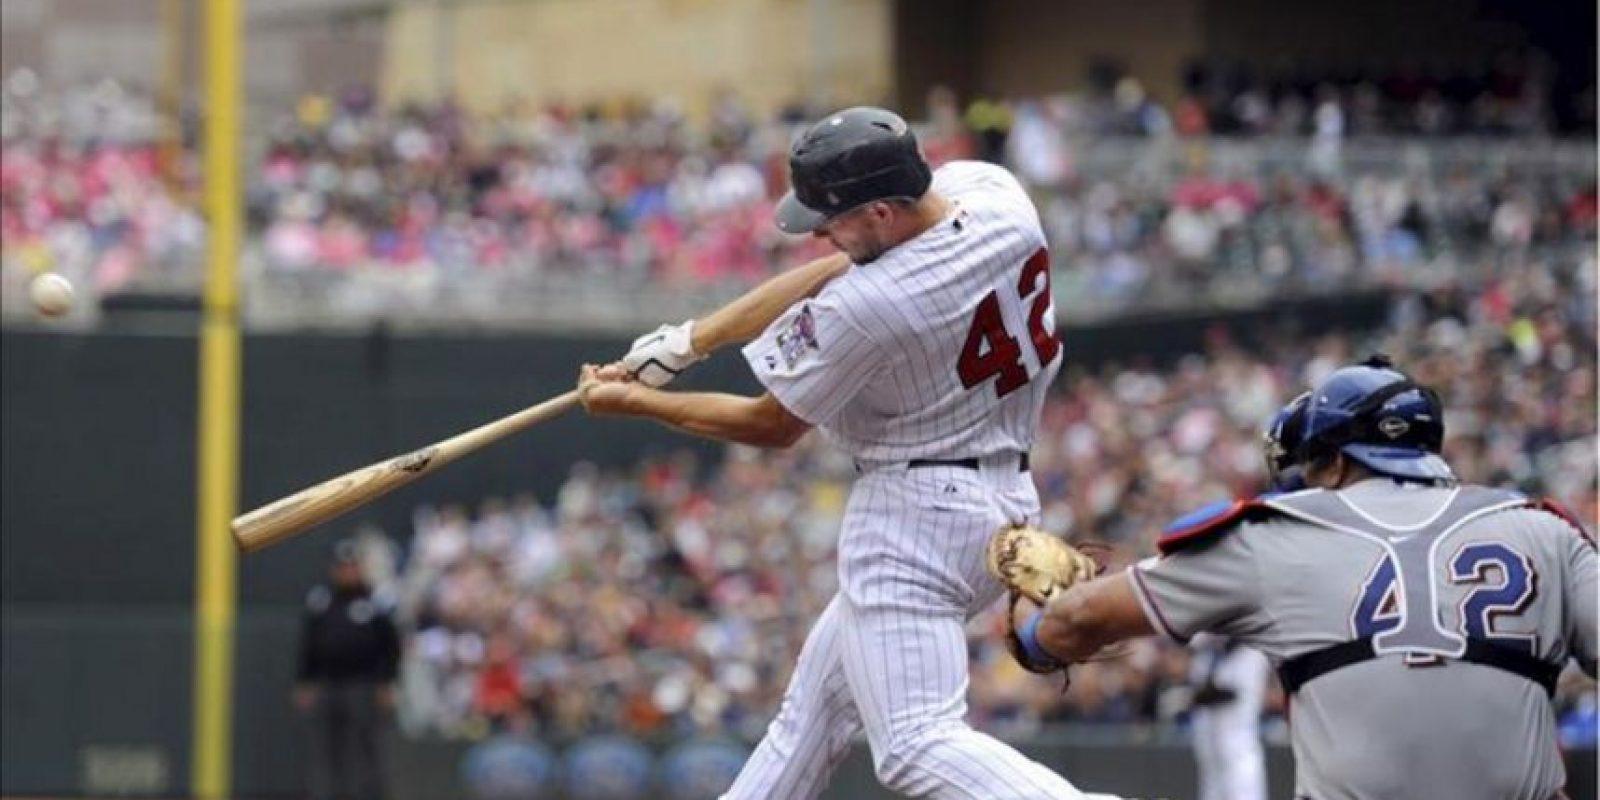 El jardinero derecho de Mellizos Clete Thomas (i) batea un cuadrangular para dos carreras ante el receptor Yorvit Napoli (d), de Vigilantes, este 15 de abril, durante un partido por la MLB en el Target Field de Minneapolis, Minnesota (EE.UU.). EFE